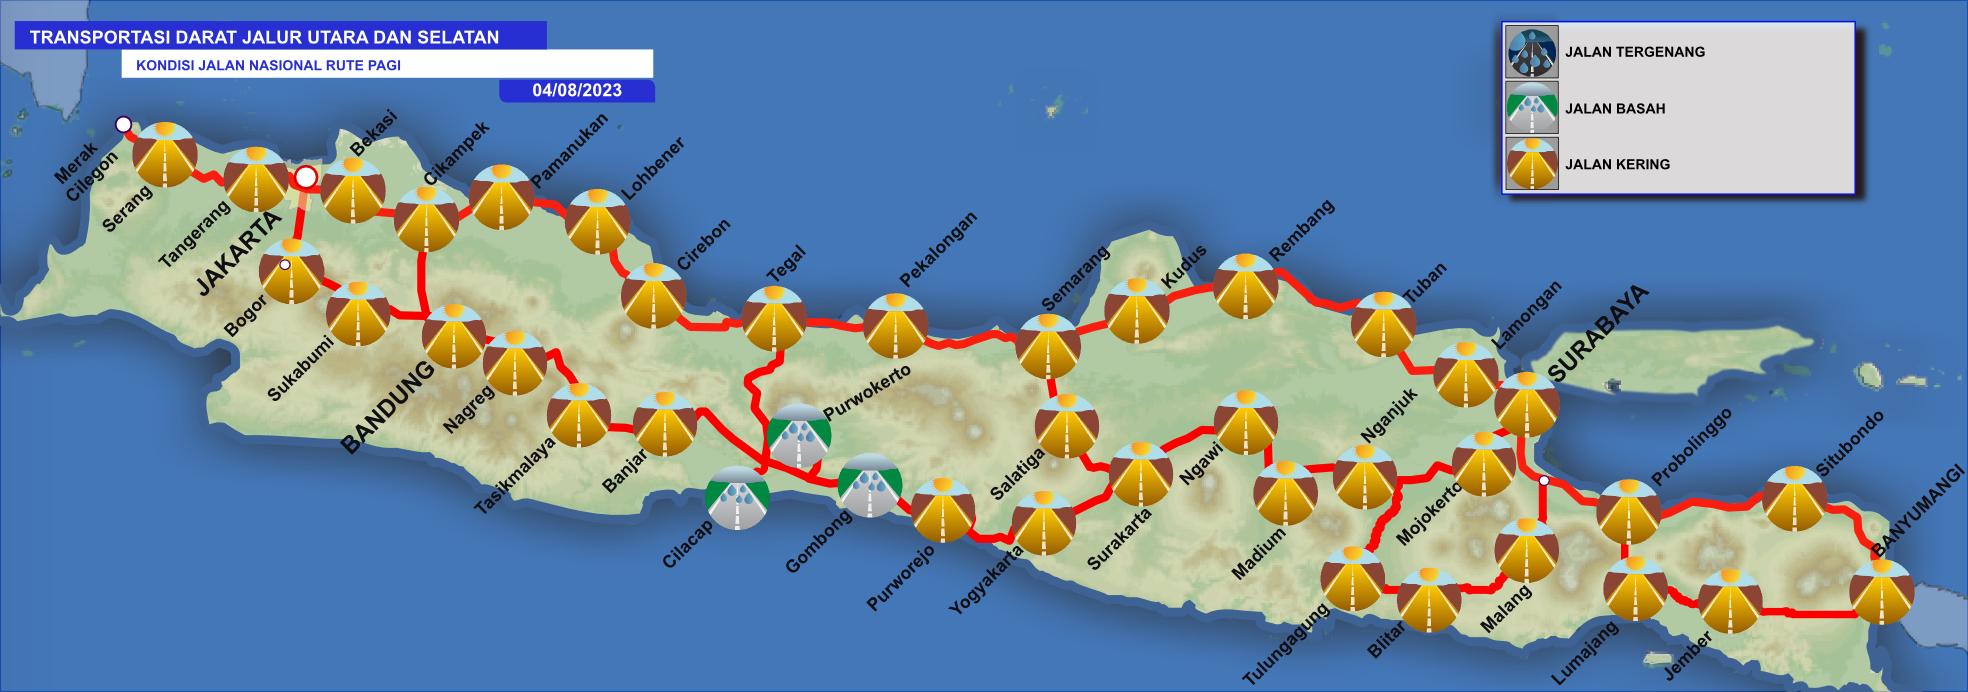 Prakiraan Kondisi Jalan (Tergenang/Basah/Kering) Transportasi Darat Jalur Utara dan Selatan Besok Hari Pada Pagi Hari